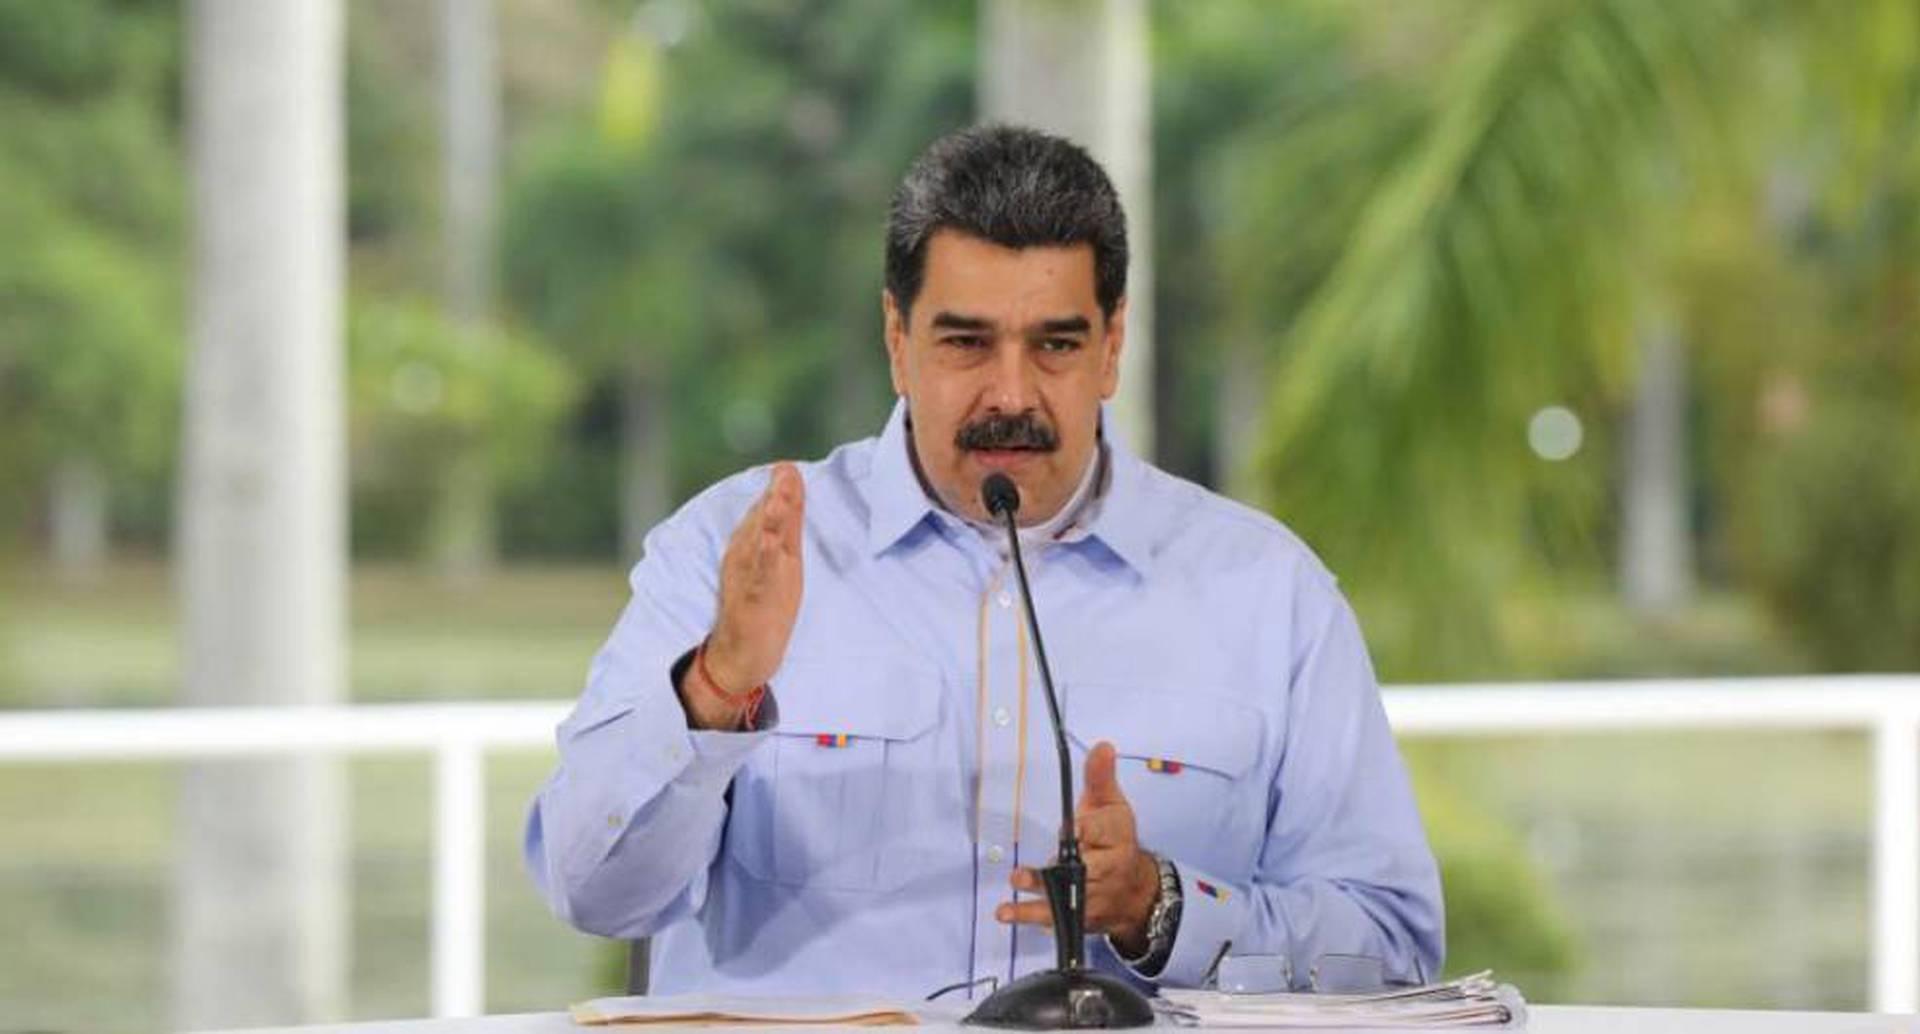 Vacuna coronavirus | Venezuela firmó documentos de confidencialidad para pruebas